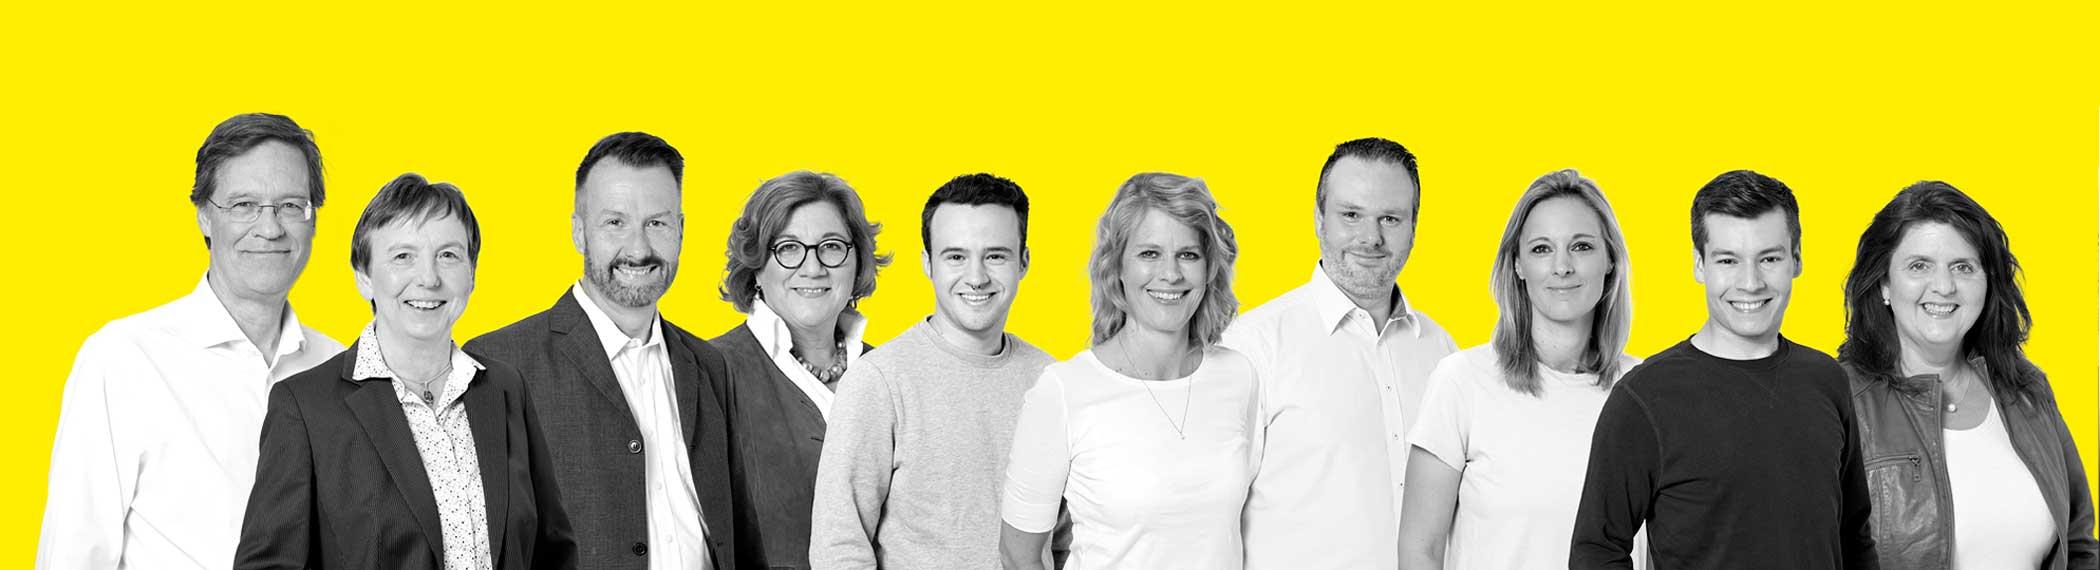 Ihr(e) FDP-Kandidat(in)